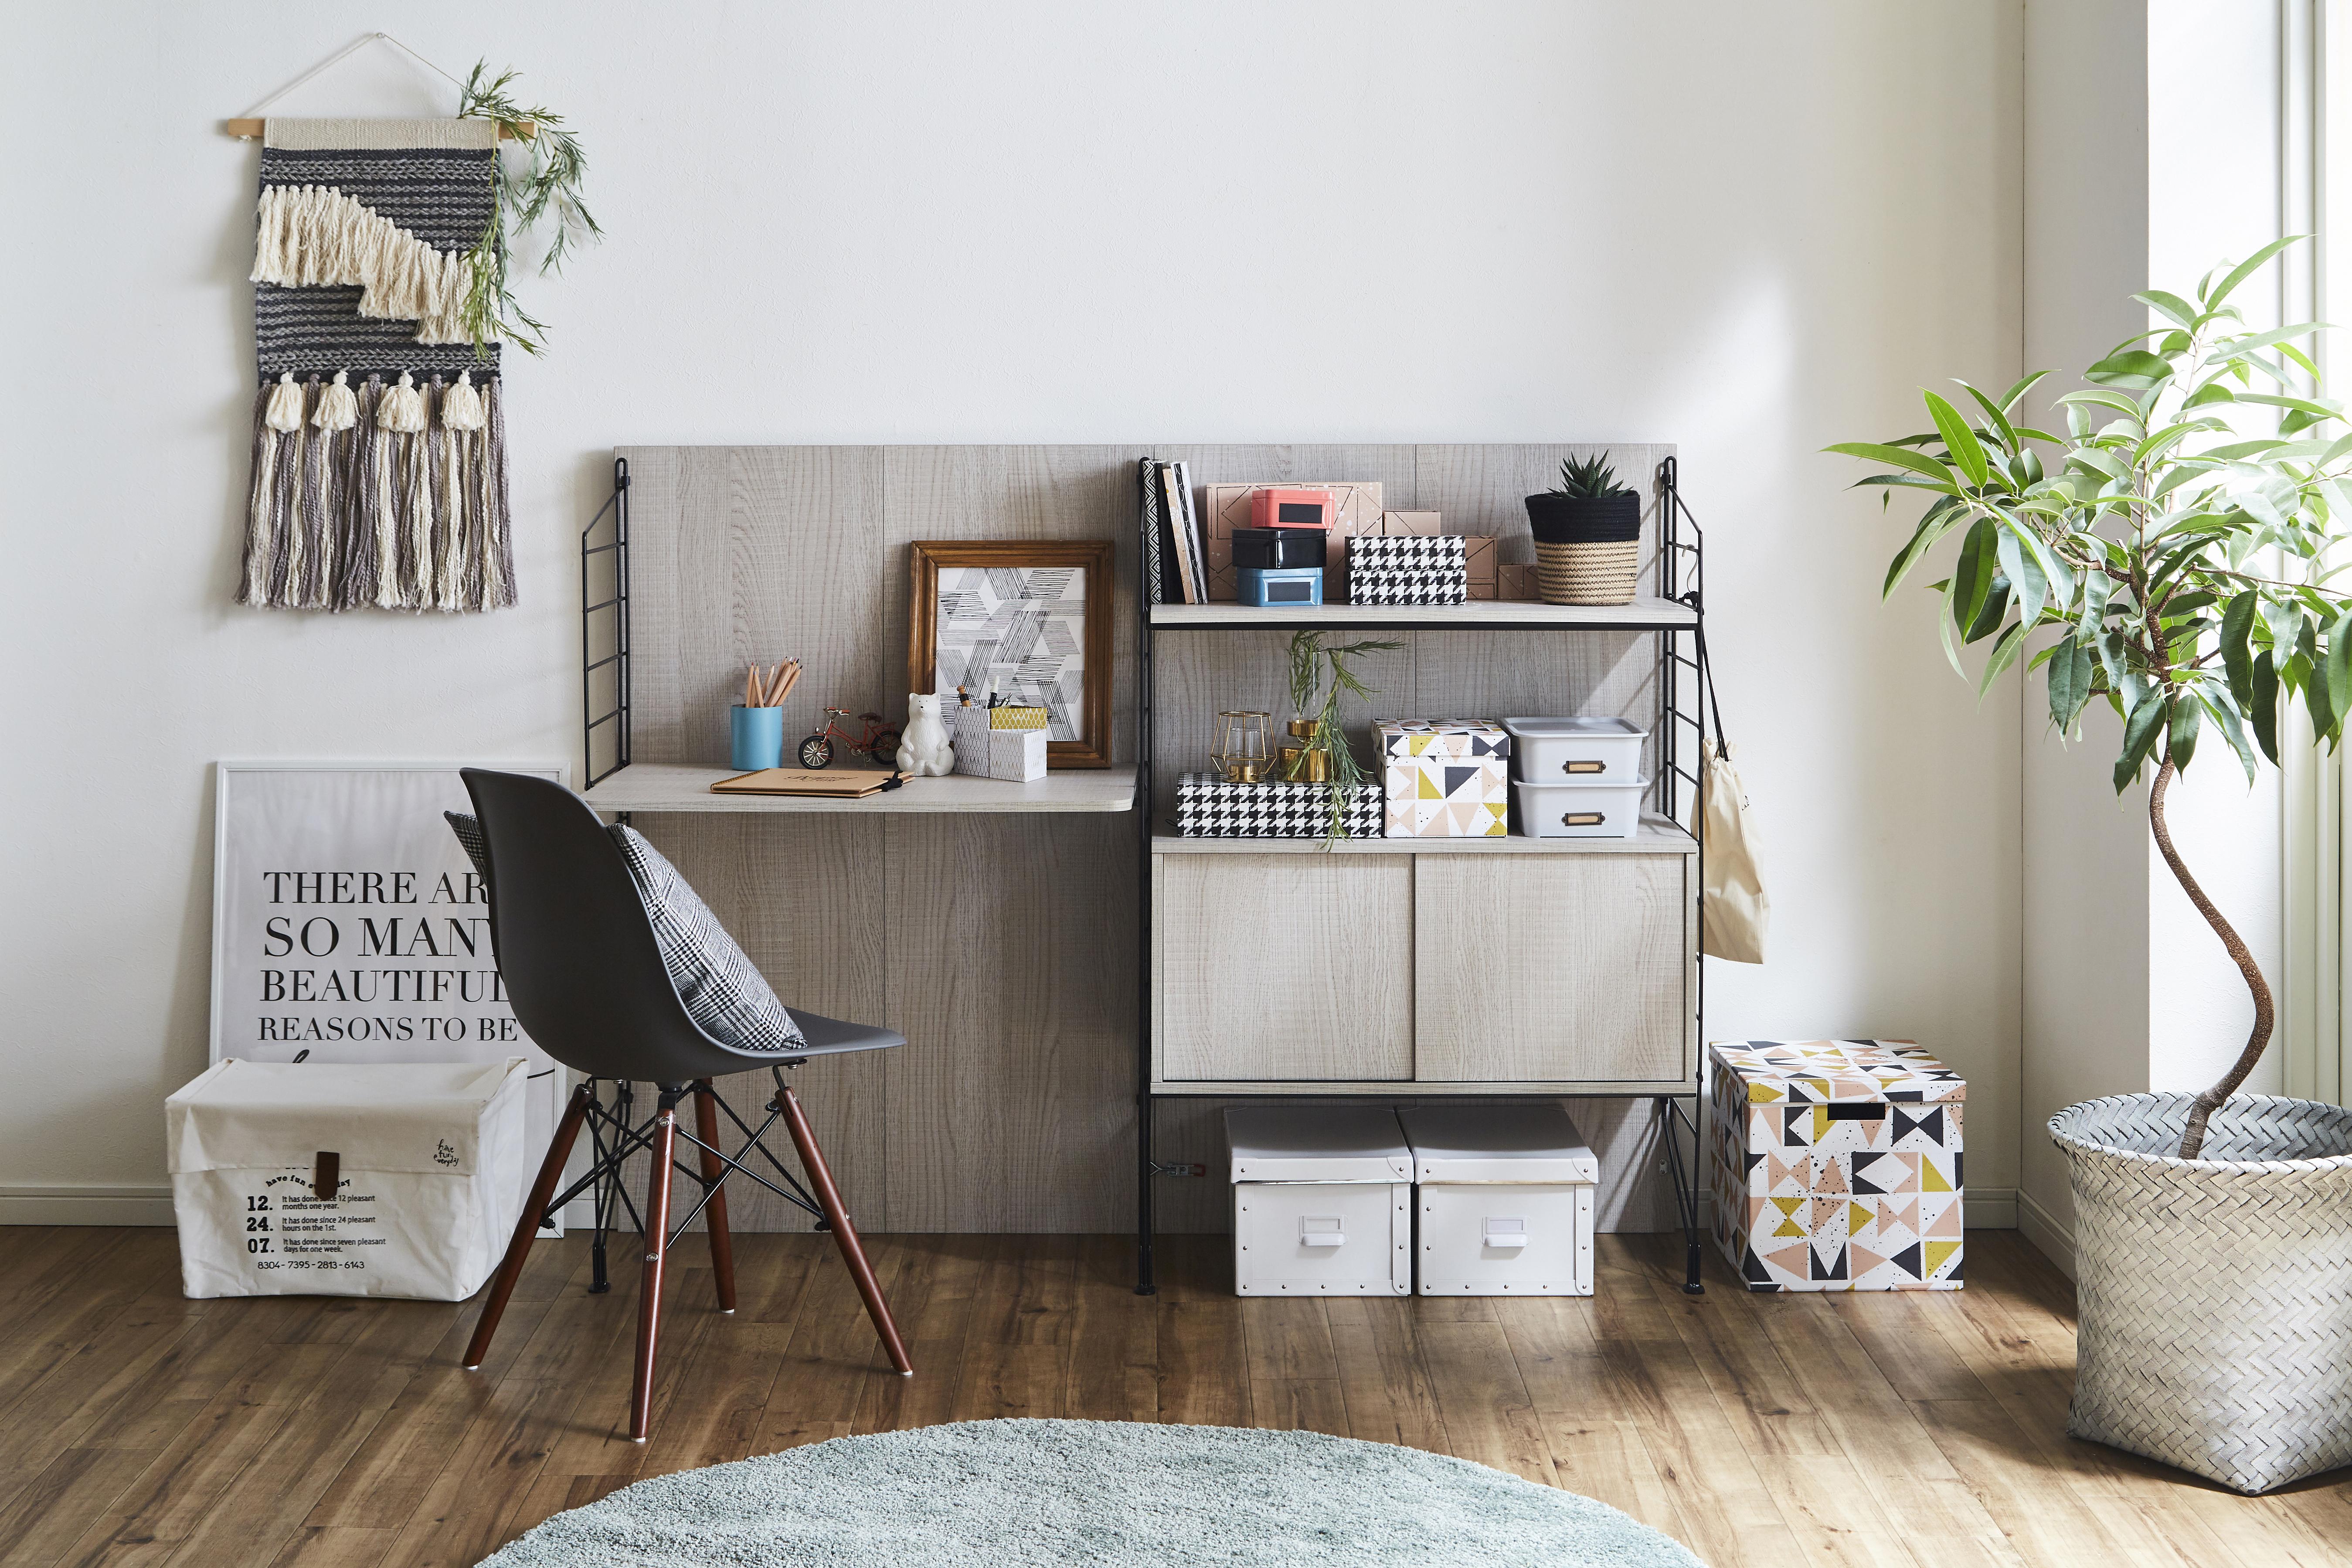 好きなパーツを組み合わせる新感覚のユニット家具ezbo(イジボ)